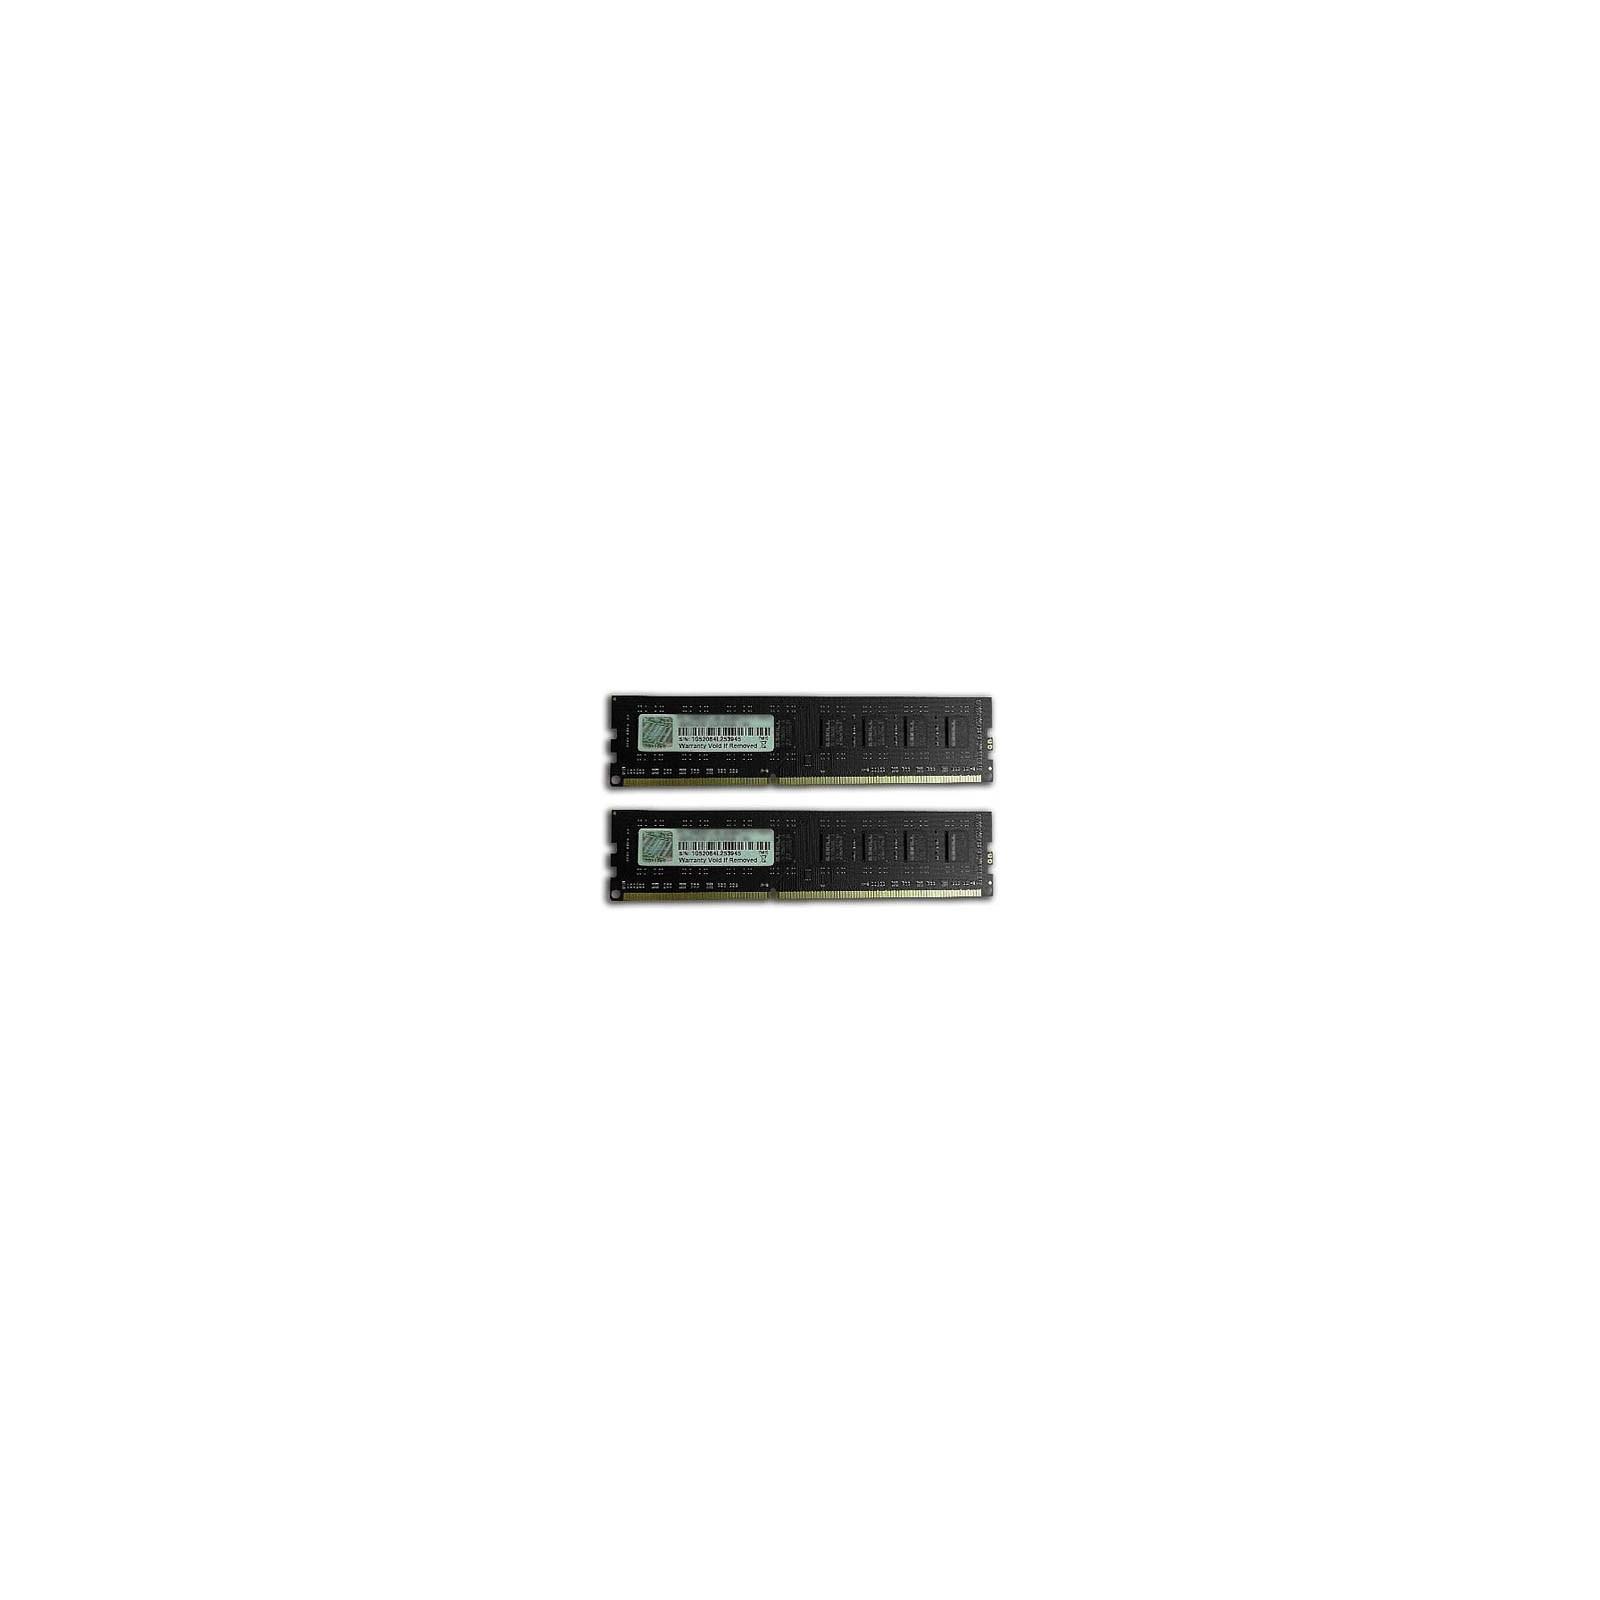 Модуль памяти для компьютера DDR3 8GB (2x4GB) 1600 MHz G.Skill (F3-1600C11D-8GNT)